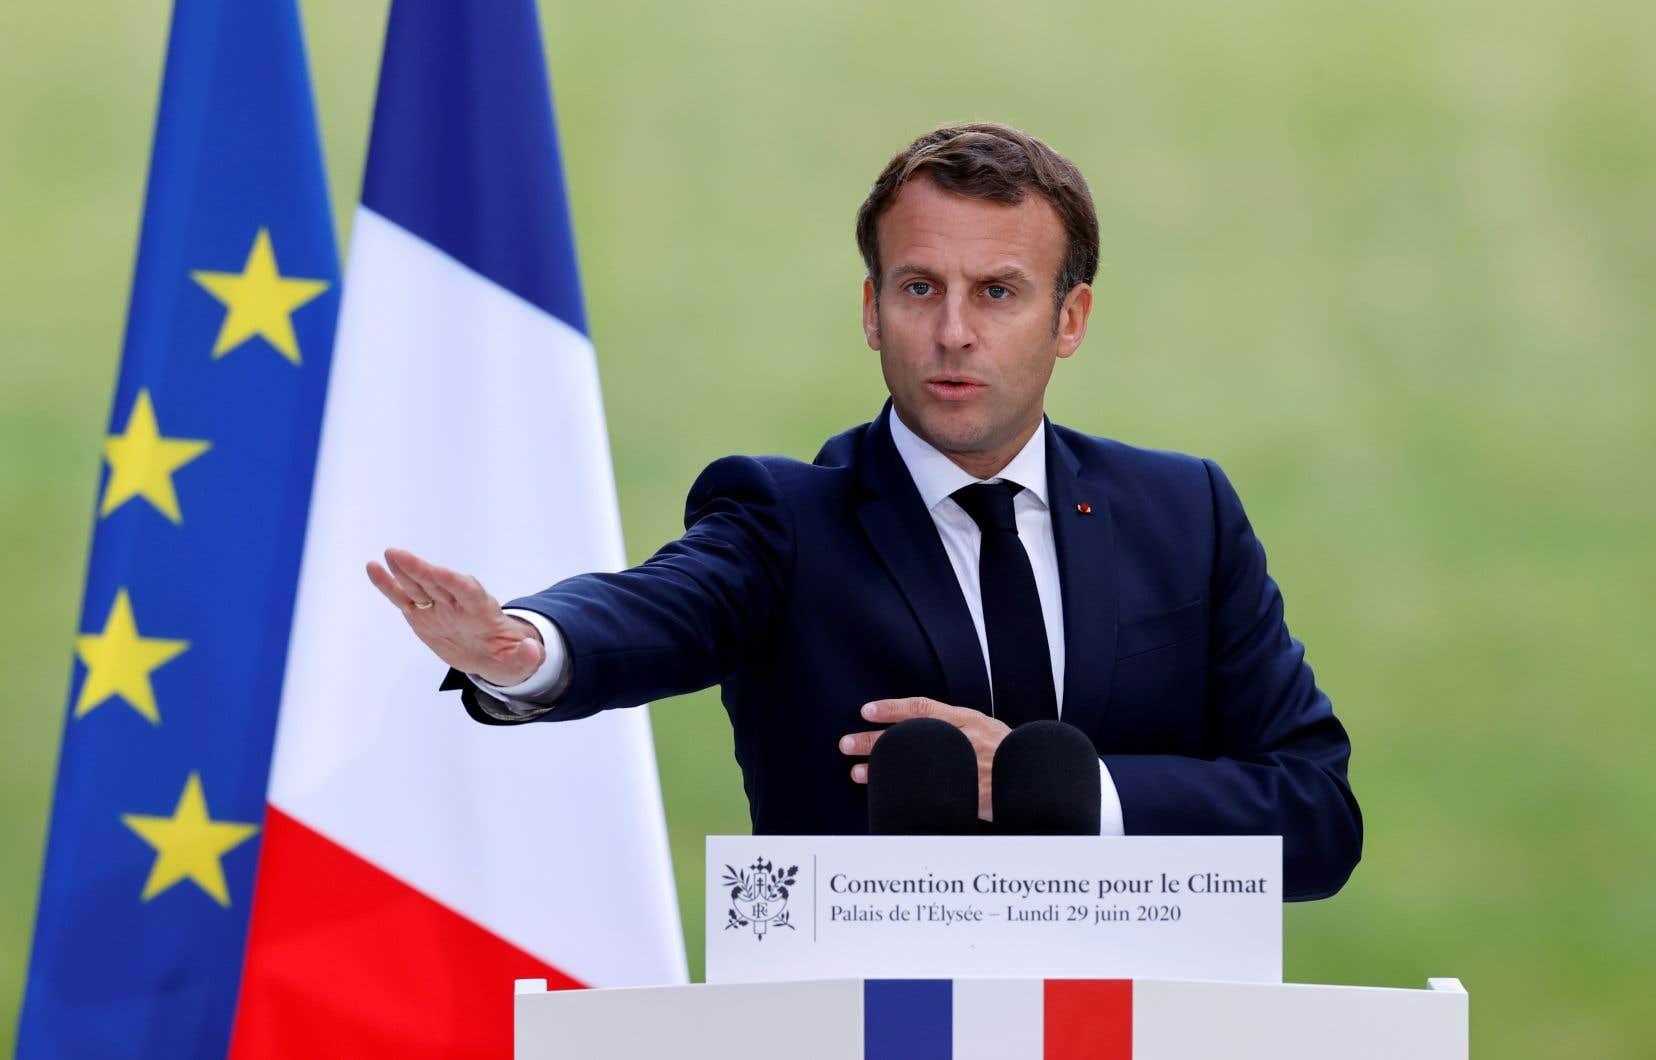 Le président français Emmanuel Macron a retenu la majorité des mesures proposées par les 150 personnes ayant participé à la «Convention citoyenne sur le climat».